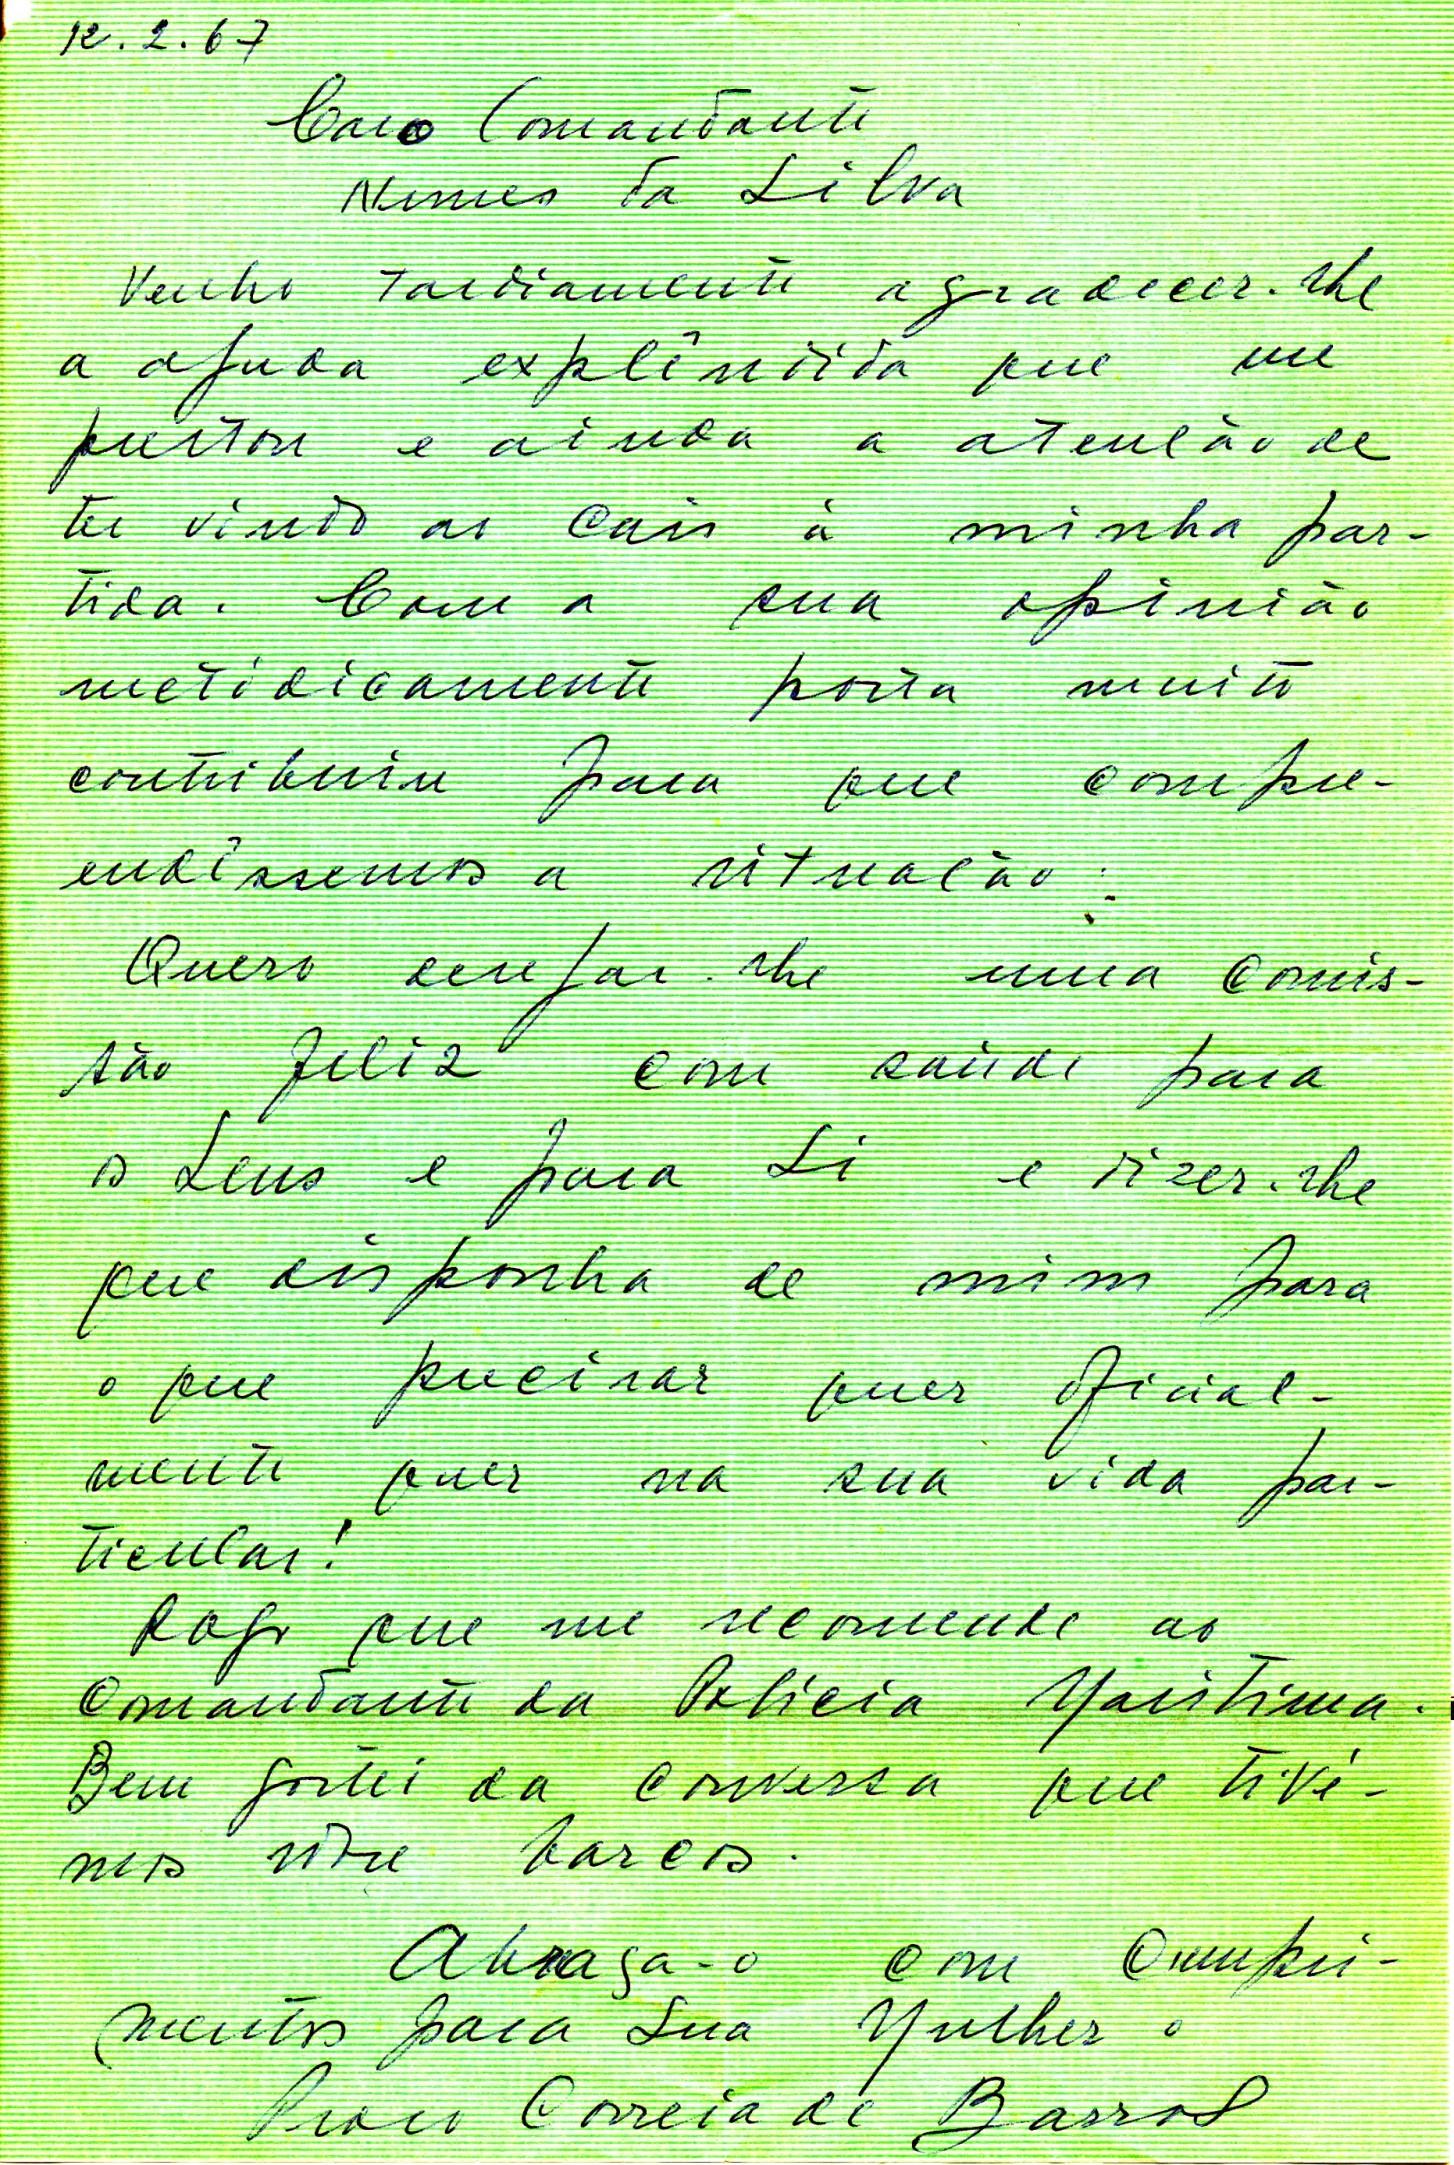 005 67-02-12 carta de Correia de Barros agradecendo minha intervenção decisiva para a resolução dos acontecimentos de 66-67